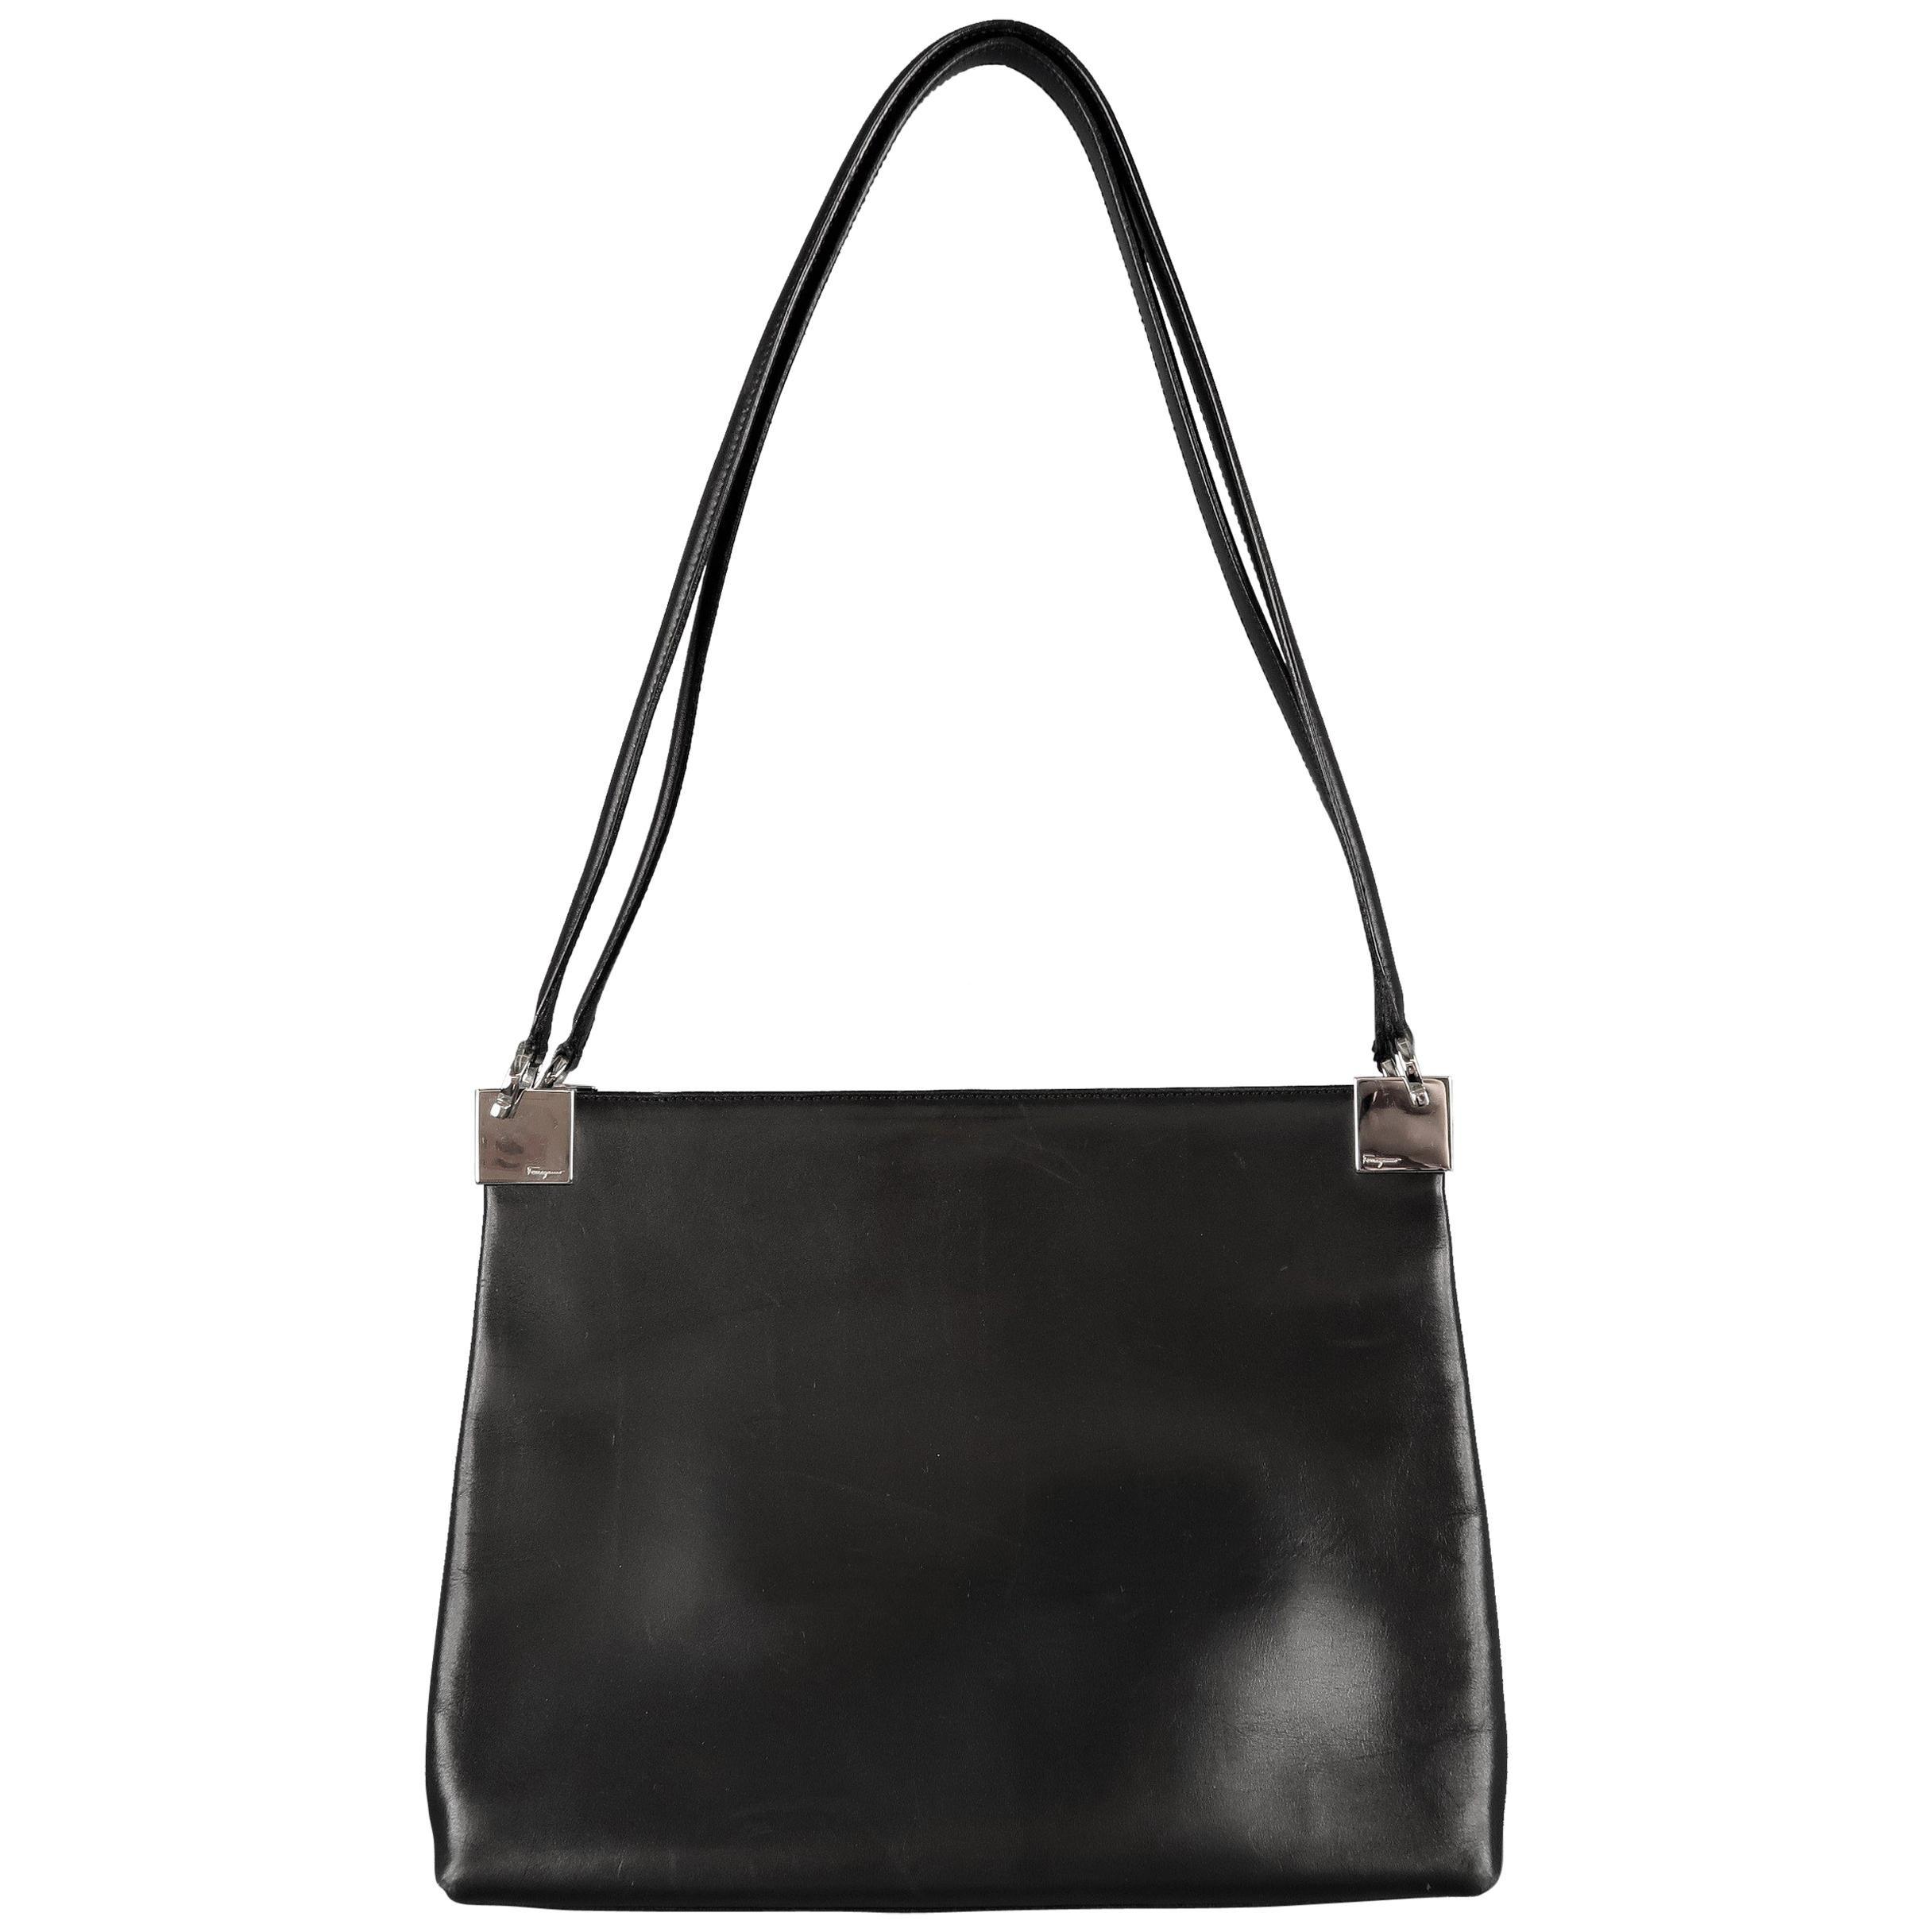 Vintage SALVATORE FERRAGAMO Black LeatherSilver Hardware Shoulder Bag at  1stdibs 35a4e301bc